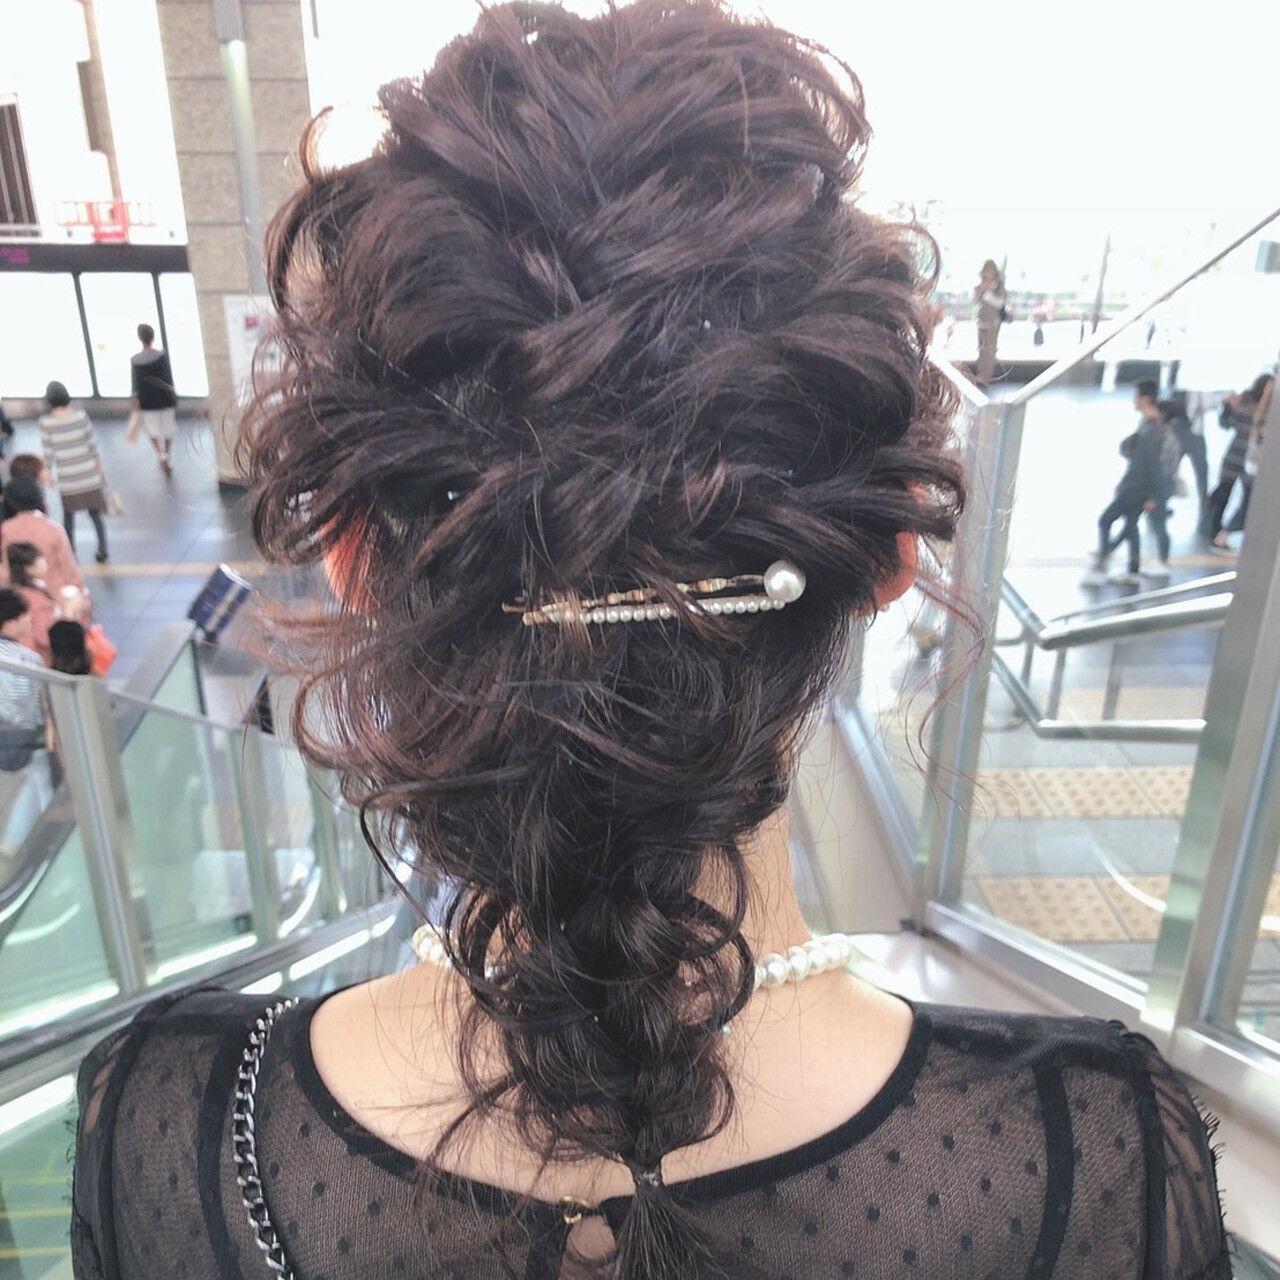 結婚式ヘアアレンジ ふわふわヘアアレンジ ヘアアレンジ セルフヘアアレンジヘアスタイルや髪型の写真・画像